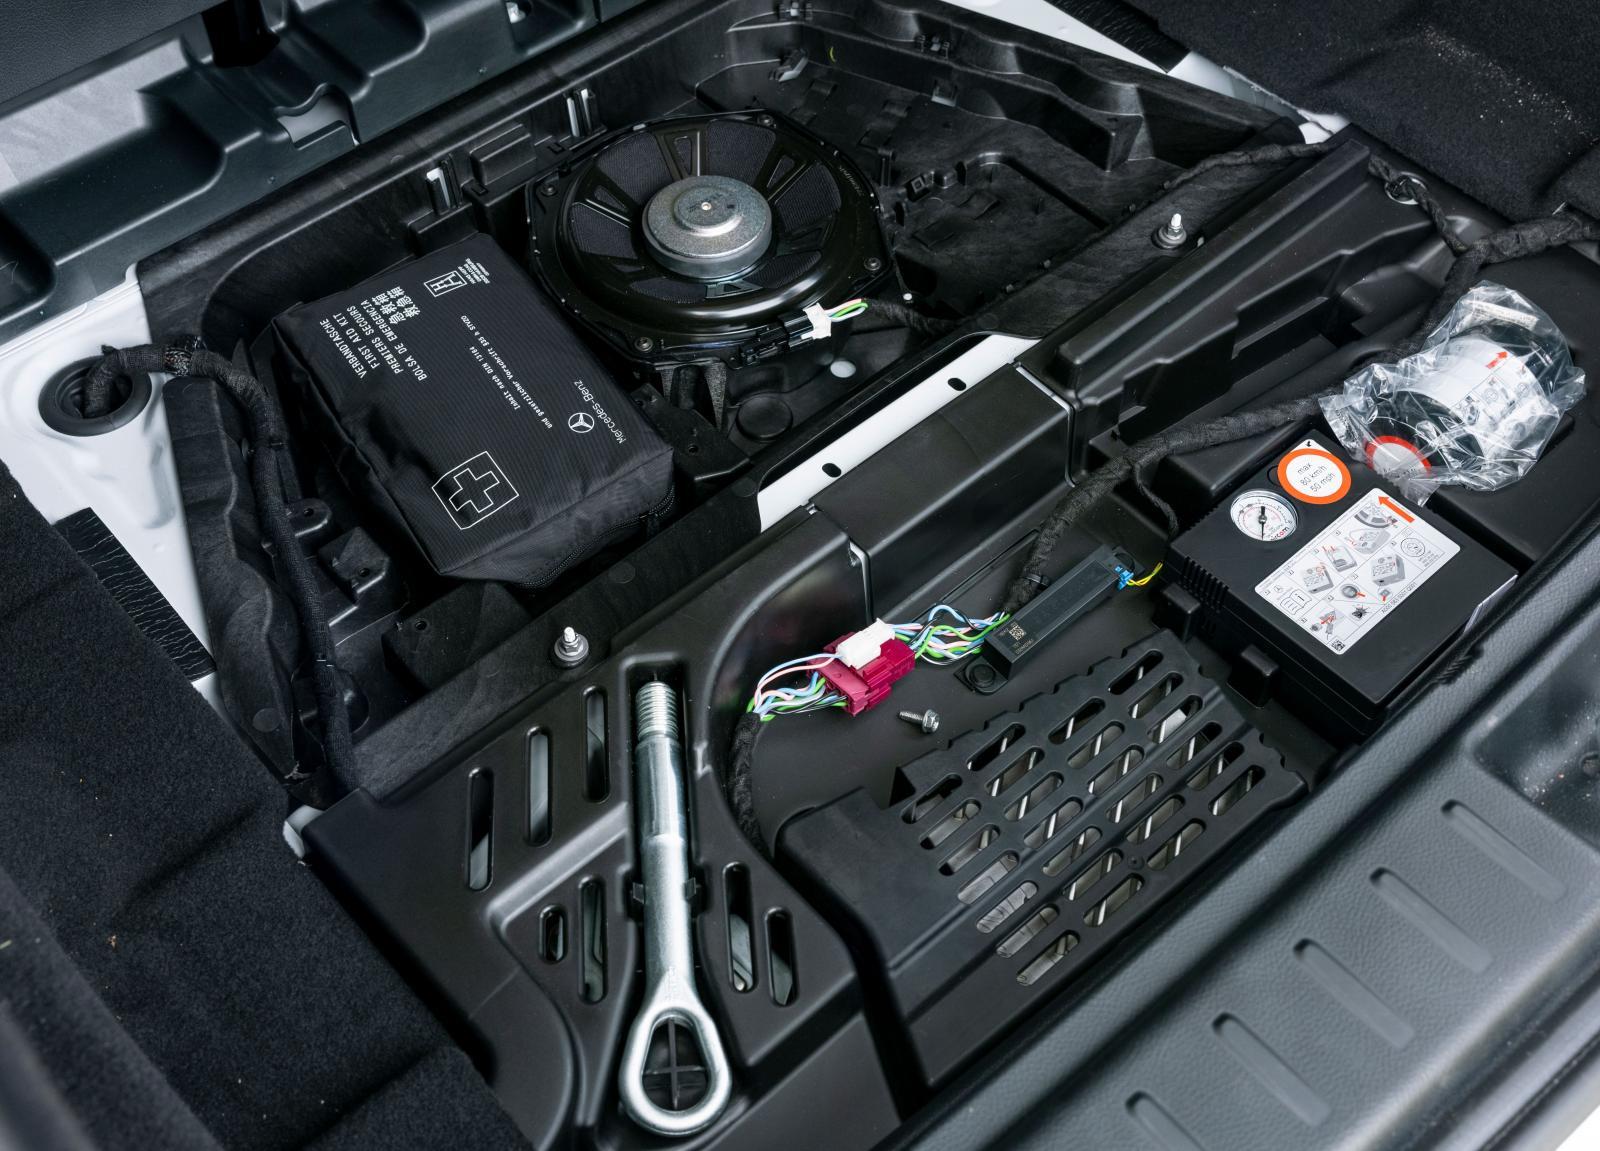 Mercedes har inget stuvfack under bagagegolvet och högtalaren ligger helt oskyddad i ett stökigt utrymme.